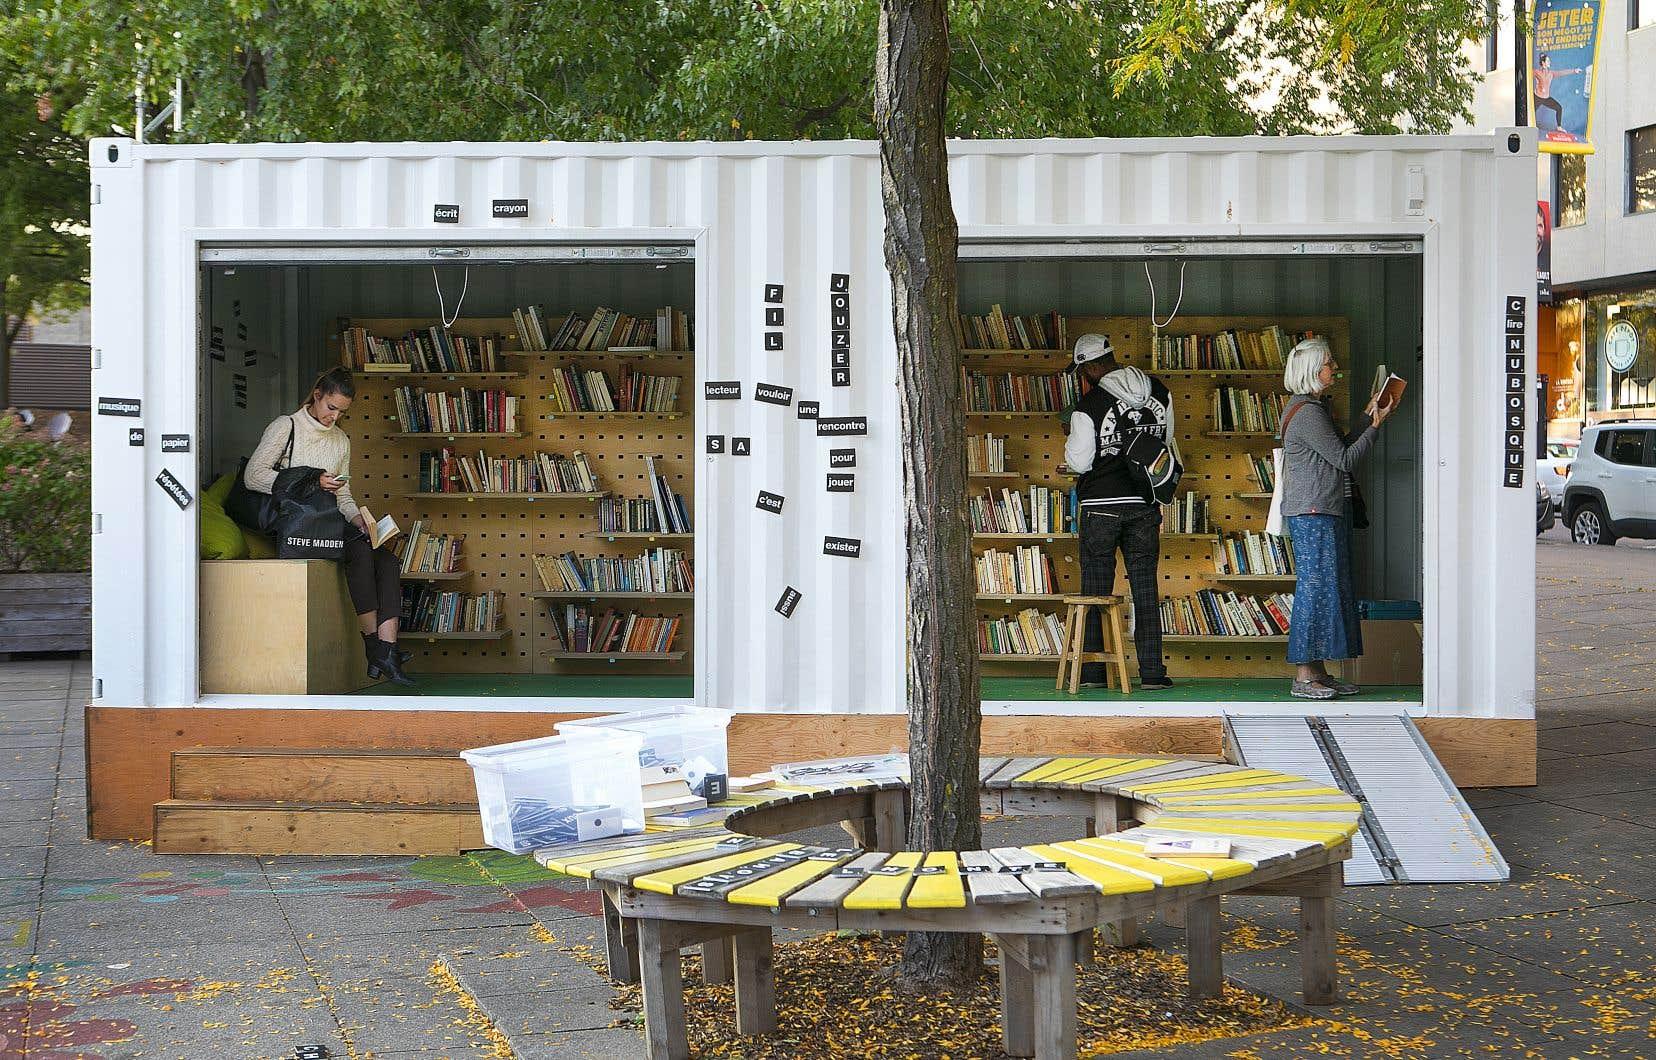 L'an dernier, l'organisme Exeko avait installé une bibliothèque éphémère au cœur des Jardins Gamelin, à Montréal, à l'occasion des Journées de la culture.